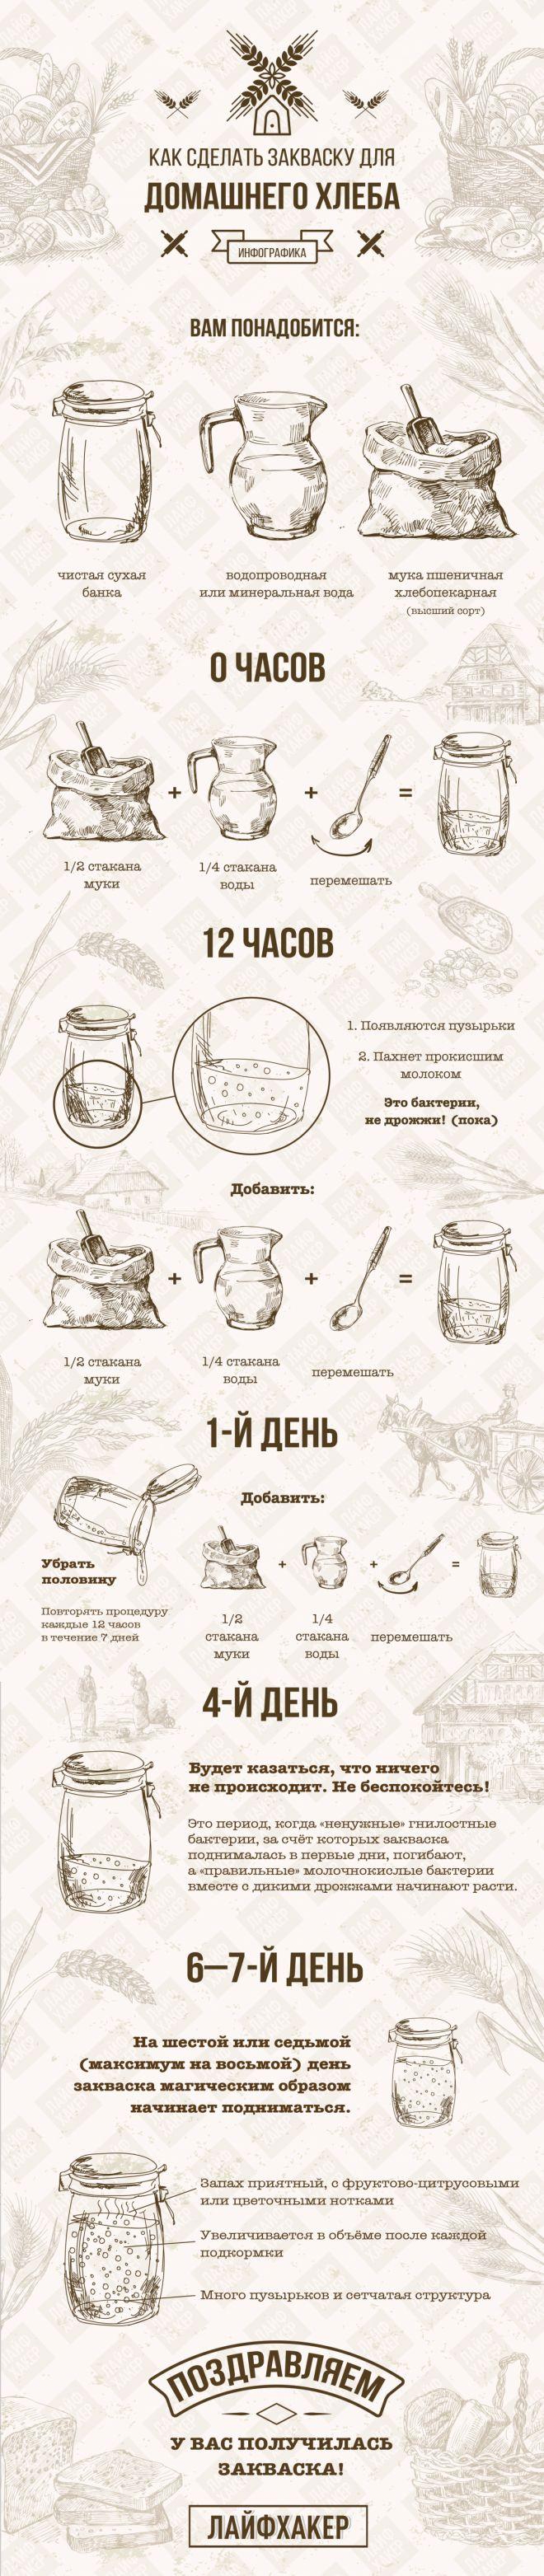 ИНФОГРАФИКА: Как приготовить закваску для хлеба - Лайфхакер